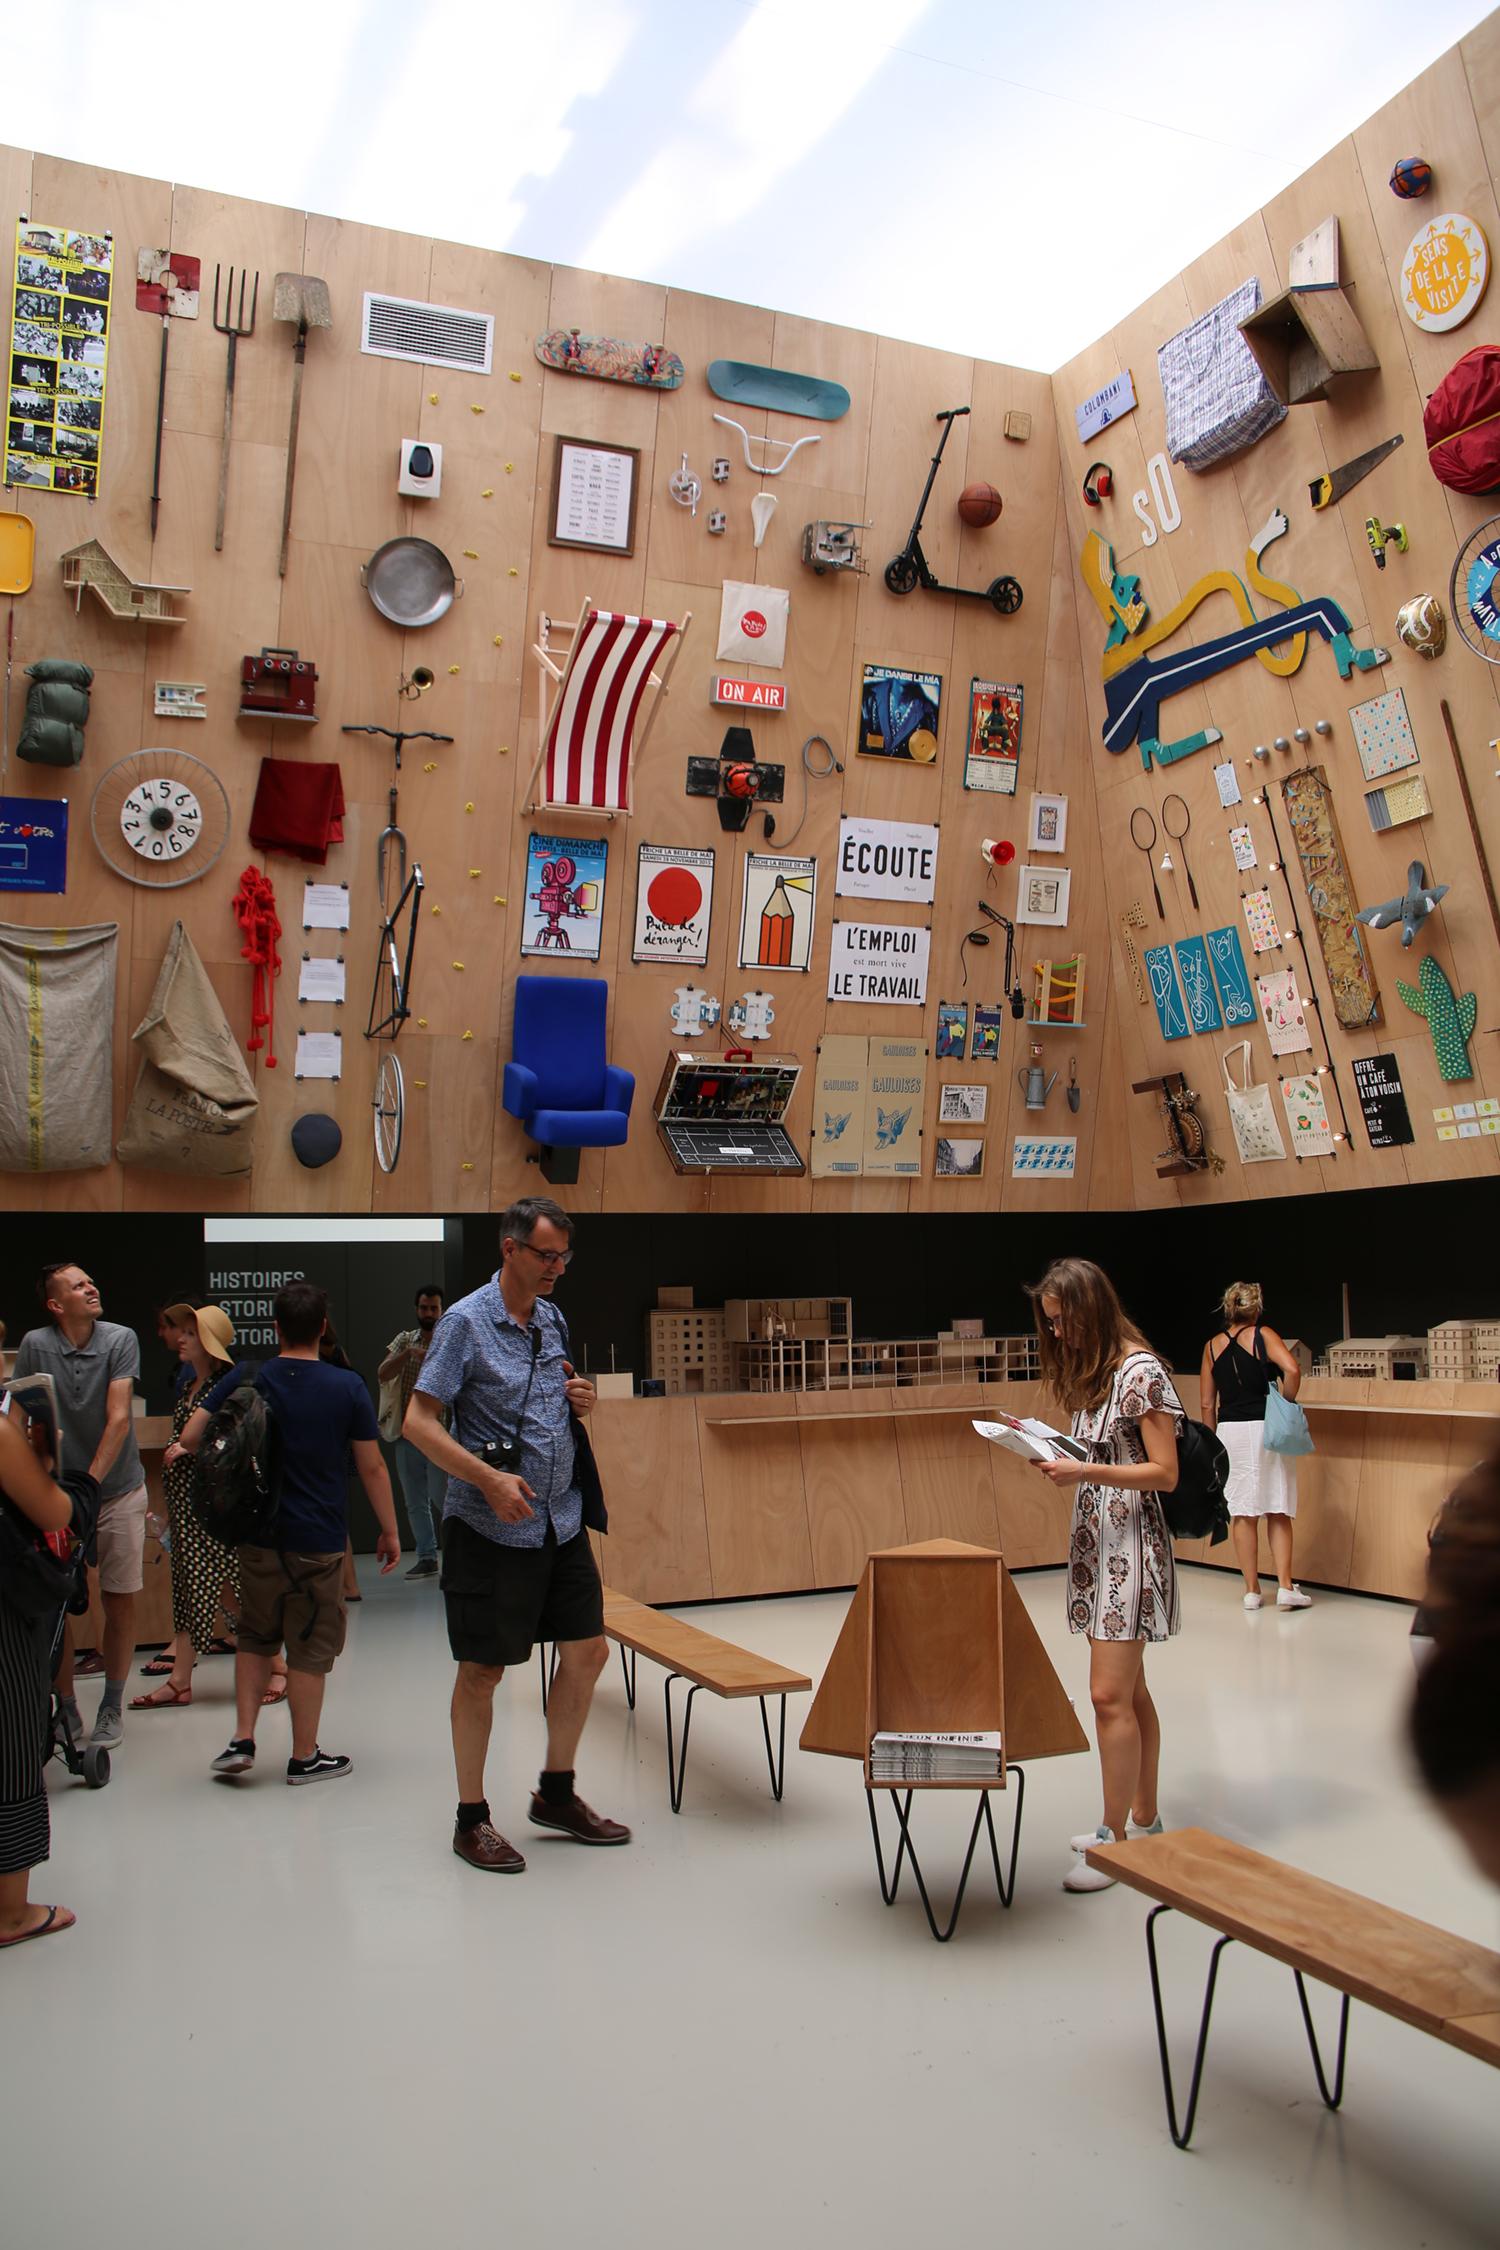 biennale architecture venise 2018 278.JPG